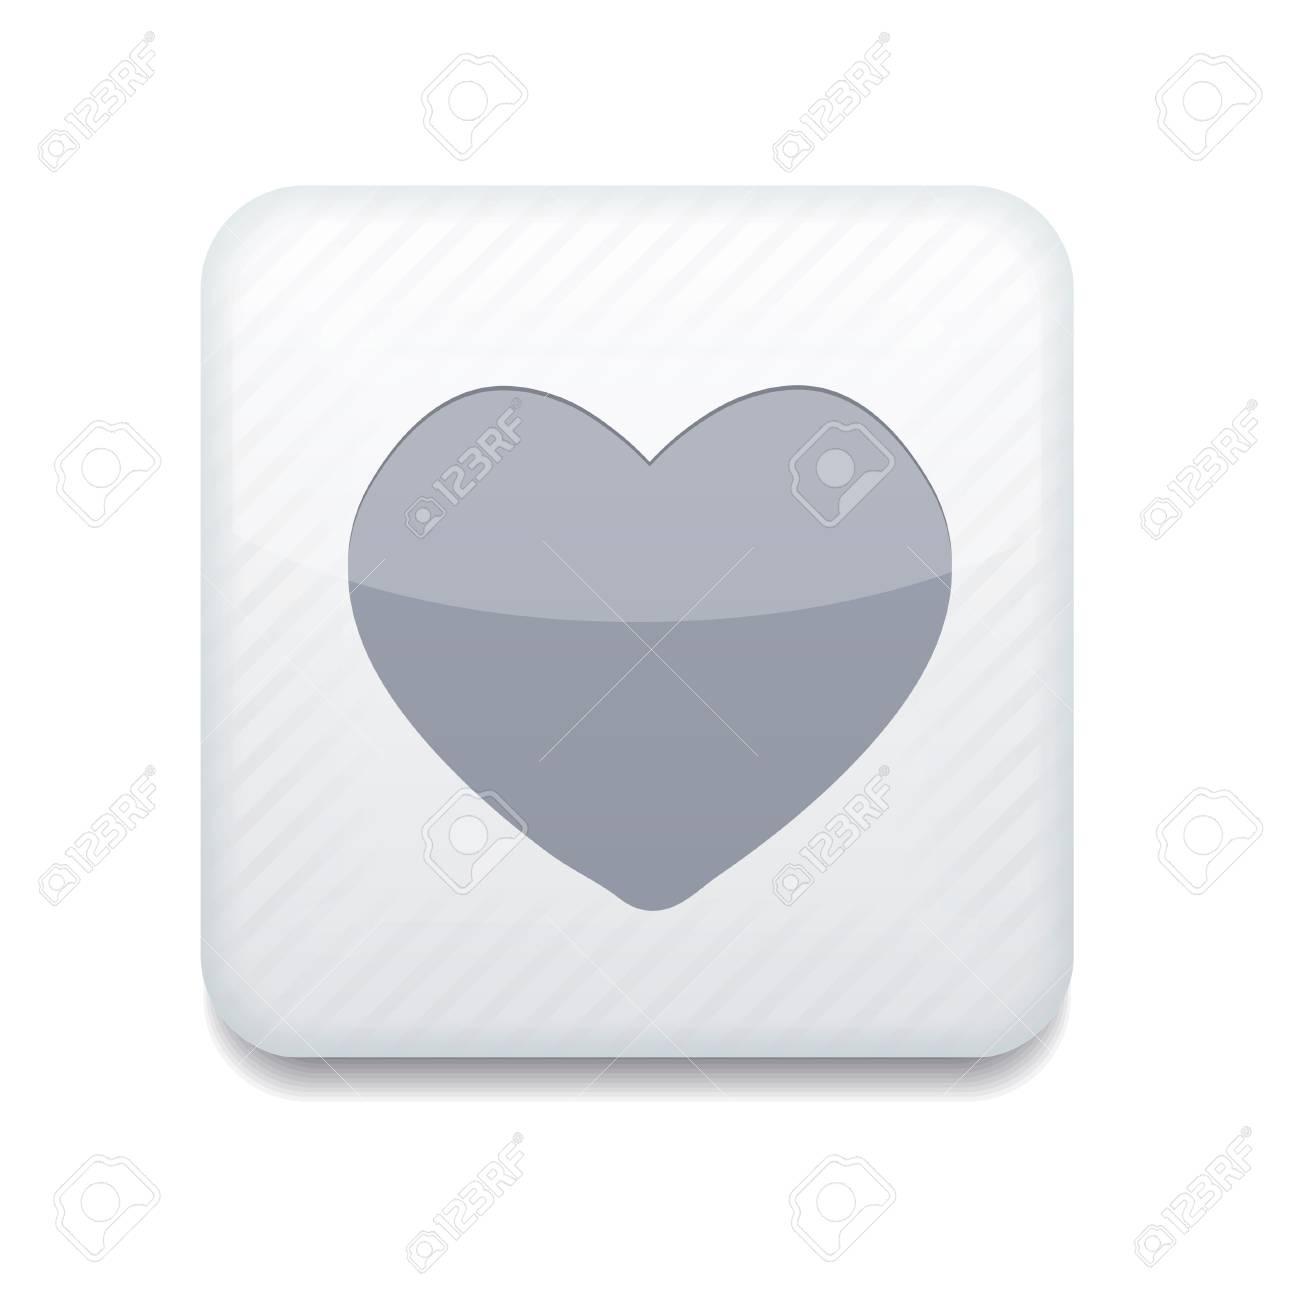 white heart icon. Stock Vector - 15951614